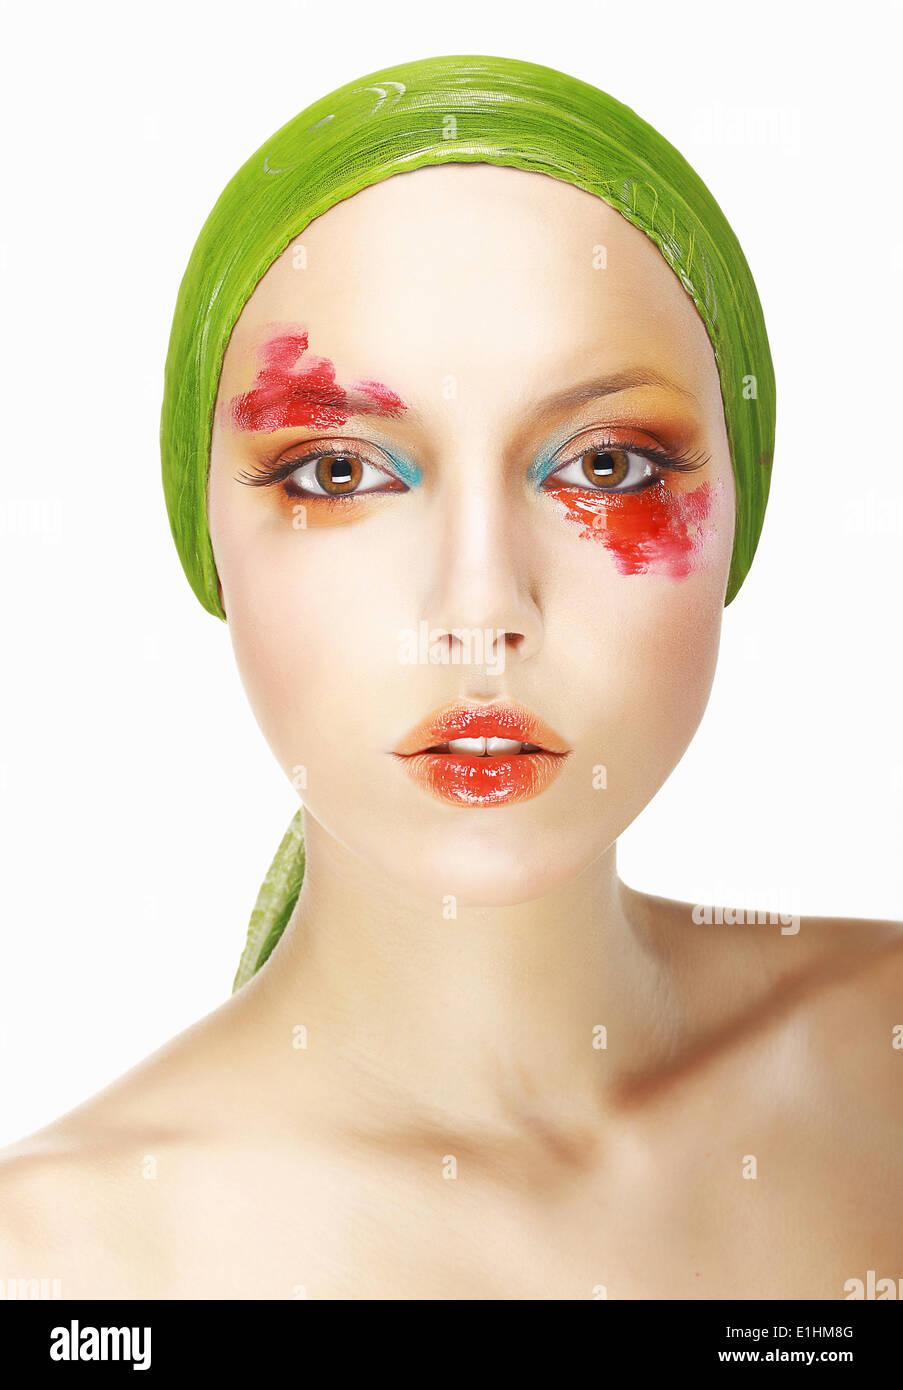 Seltsamkeit & Exzentrizität. Gestylte Frau Gesicht mit theatralischen Make-up Stockbild